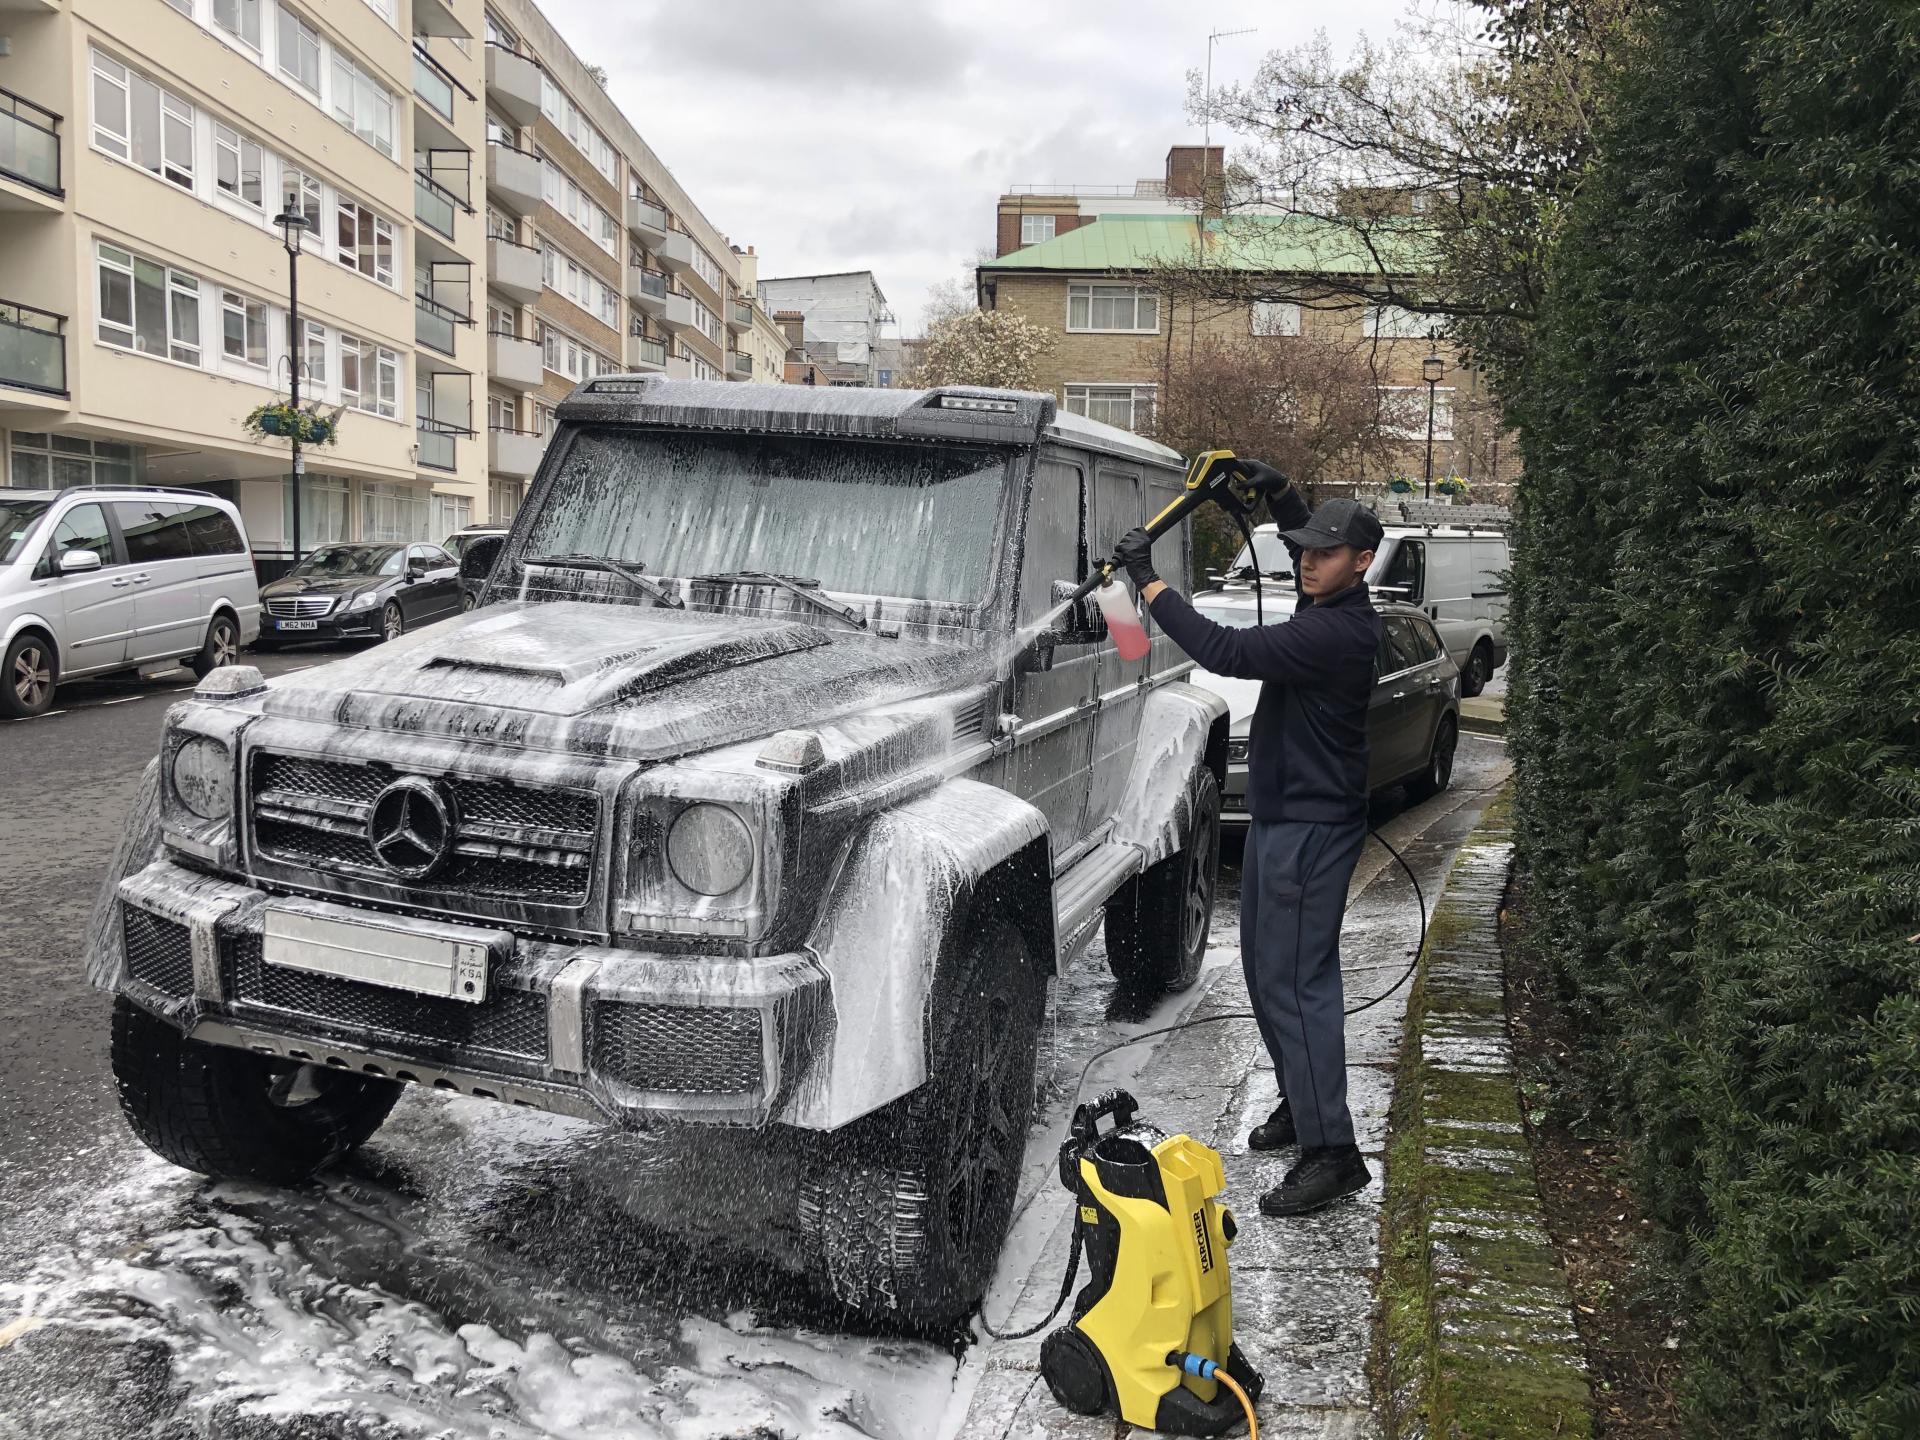 Tino Mobile Car Wash: Car Wash Near Me - London